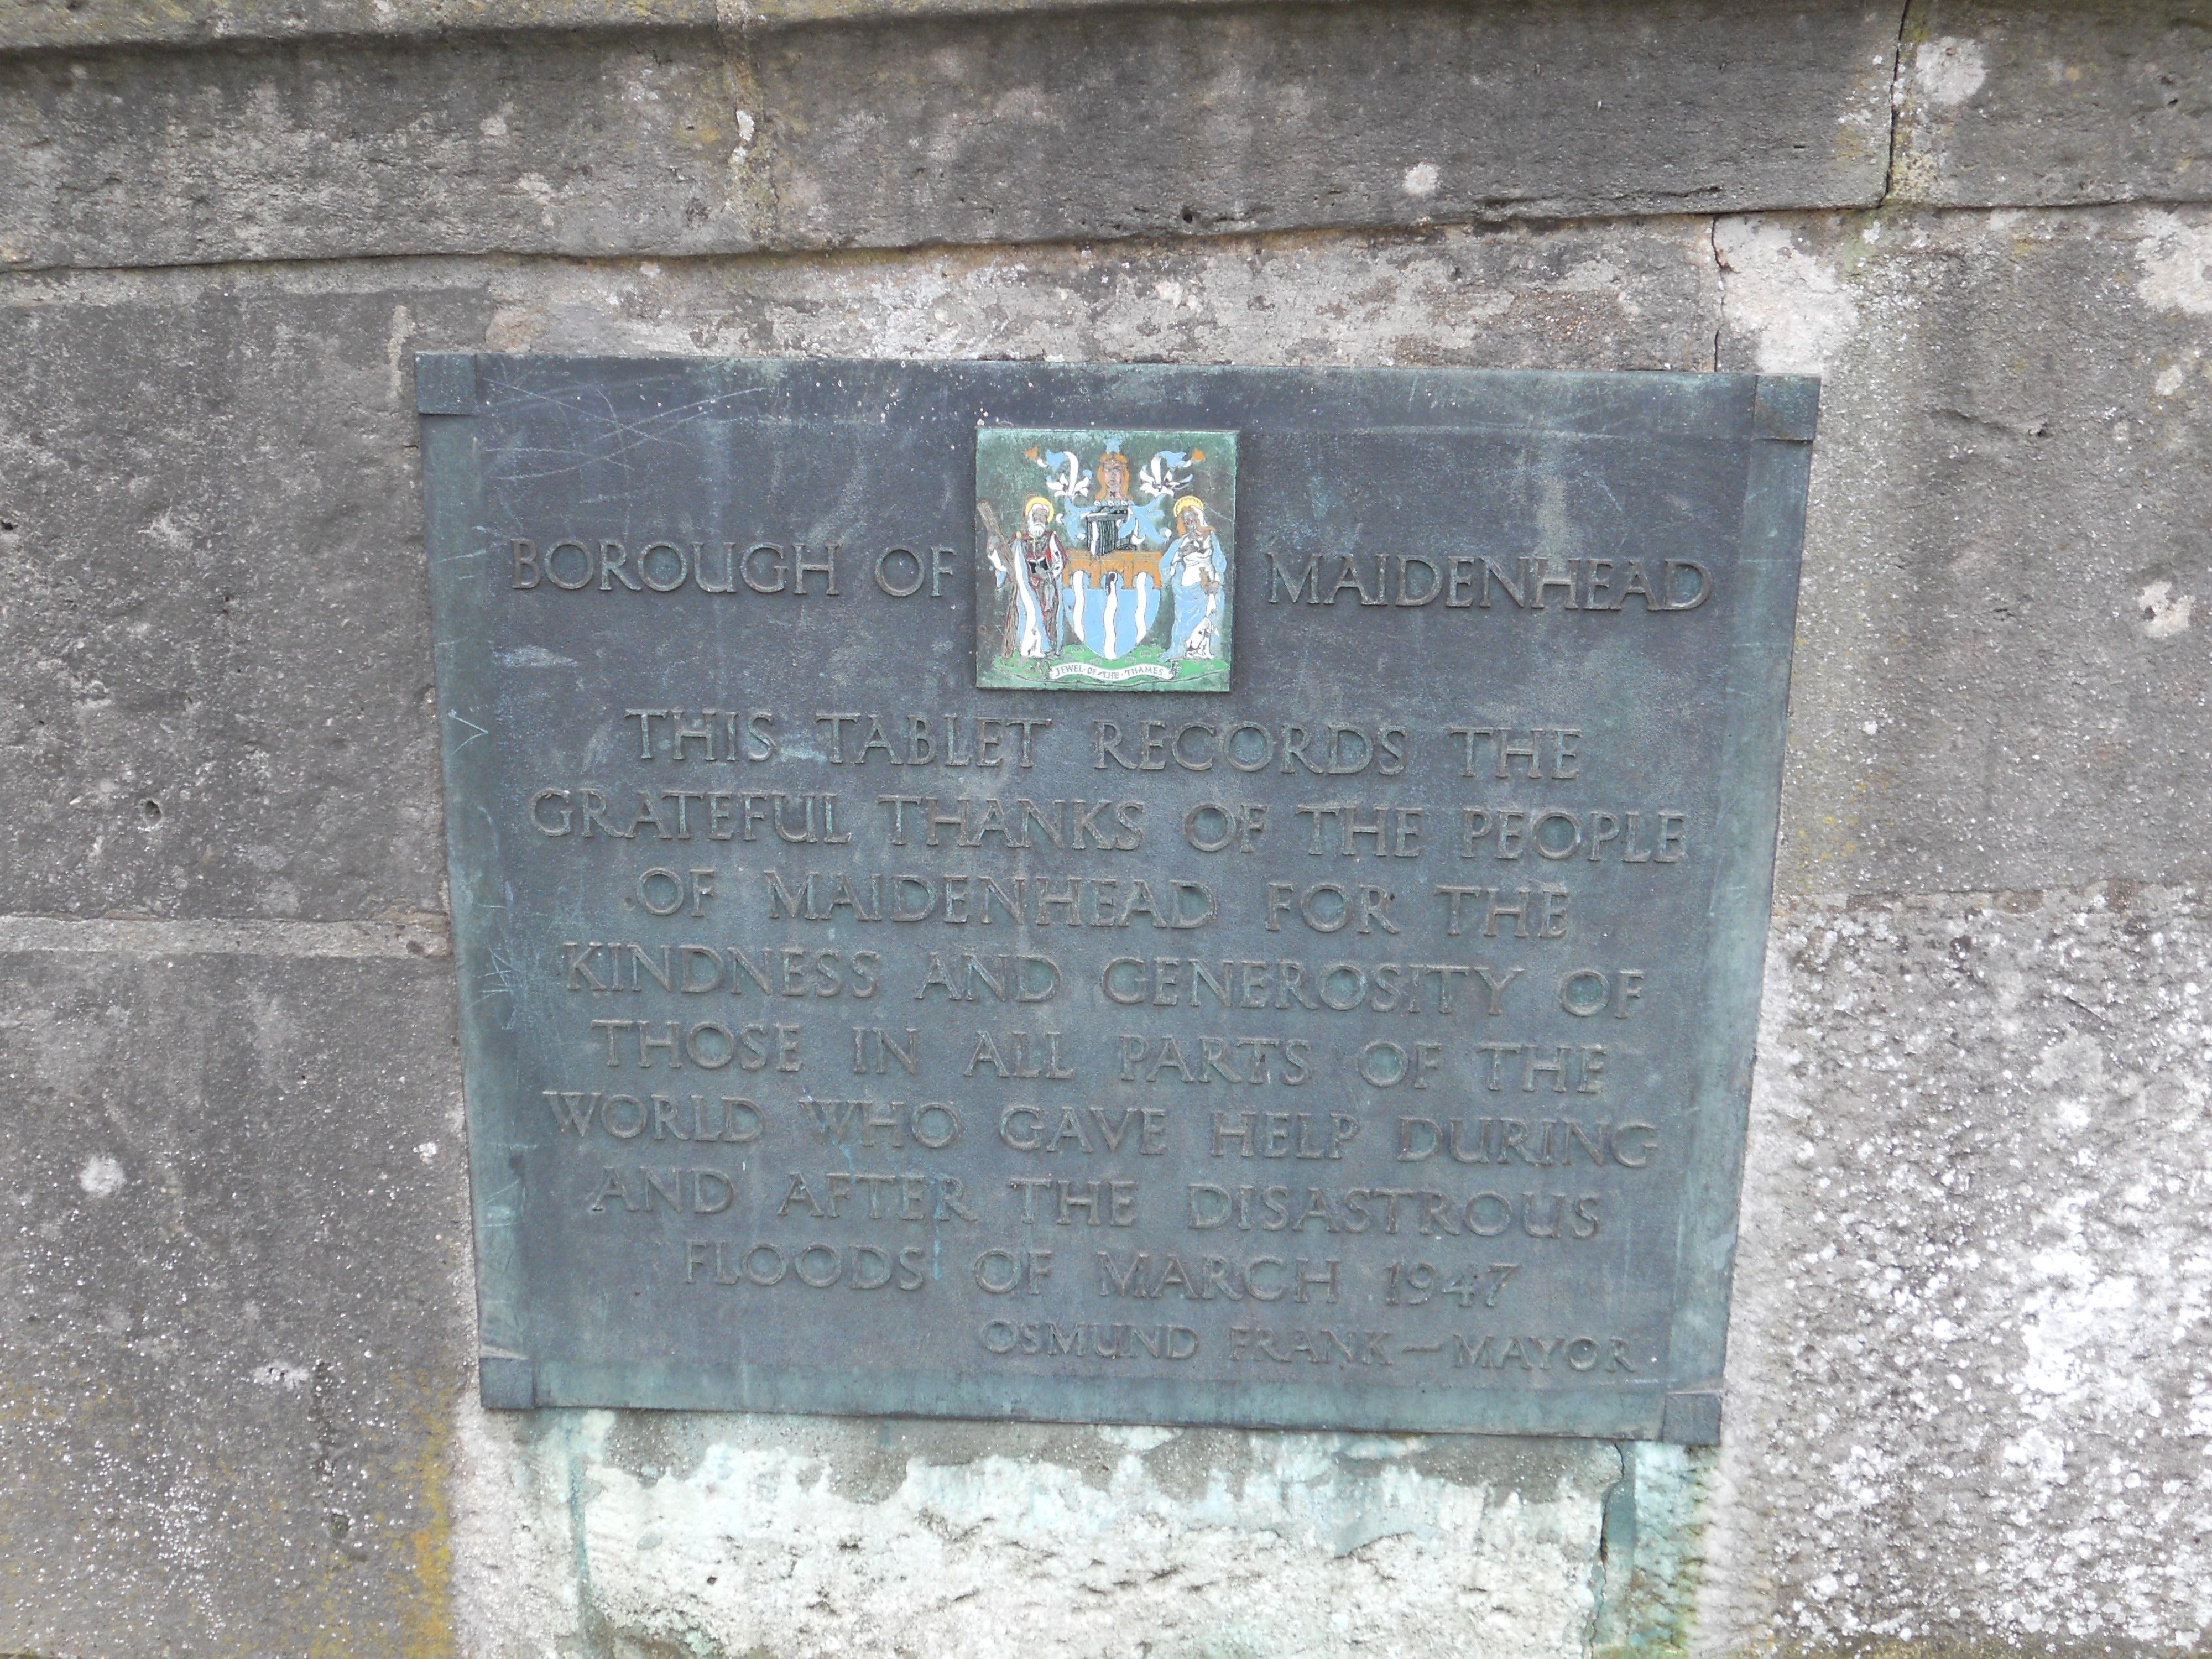 Maidenhead Bridge 1947 flood commemorative plaque